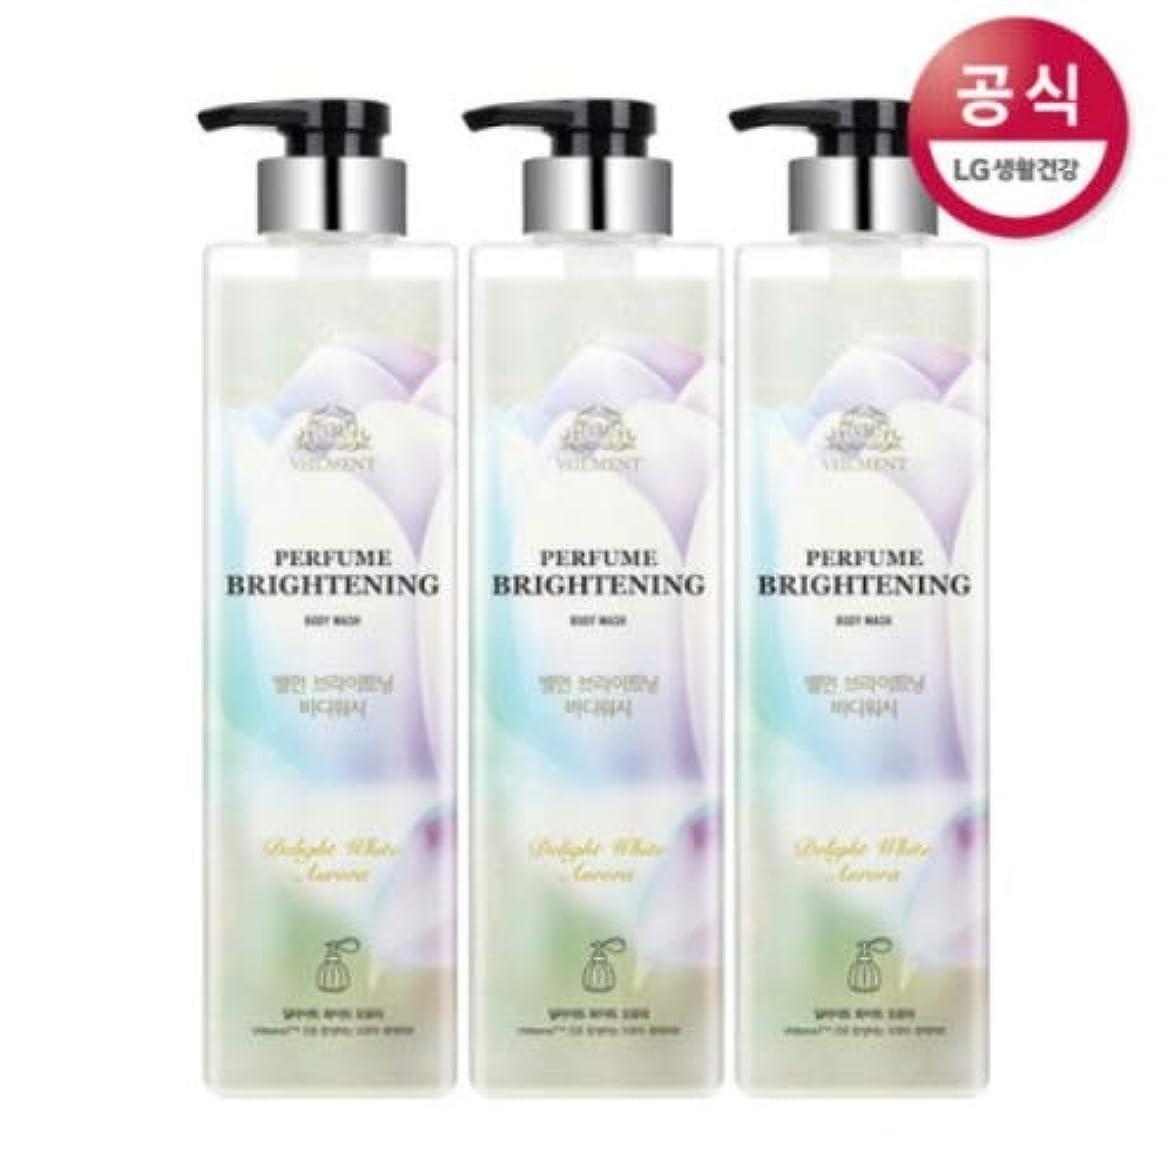 同行する裏切り者倫理[LG HnB] On the Body Belman Perfume Brightening Body Wash / オンザボディベルモンパフュームブライトニングボディウォッシュ680mlx3個(海外直送品)